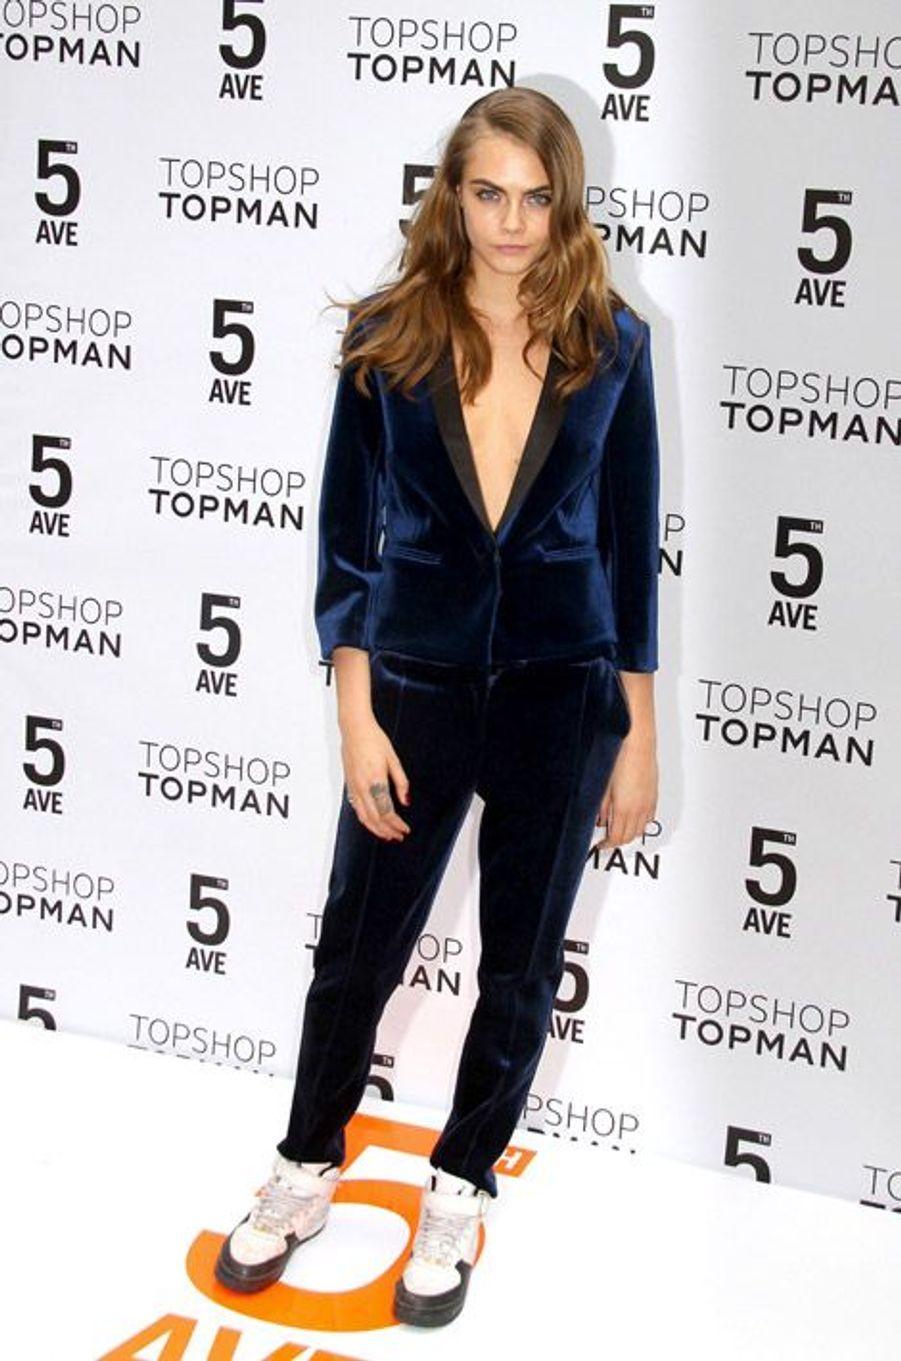 Les baskets : le mannequin Cara Delevingne à l'inauguration de la boutique Topshop à New York, le 5 novembre 2014